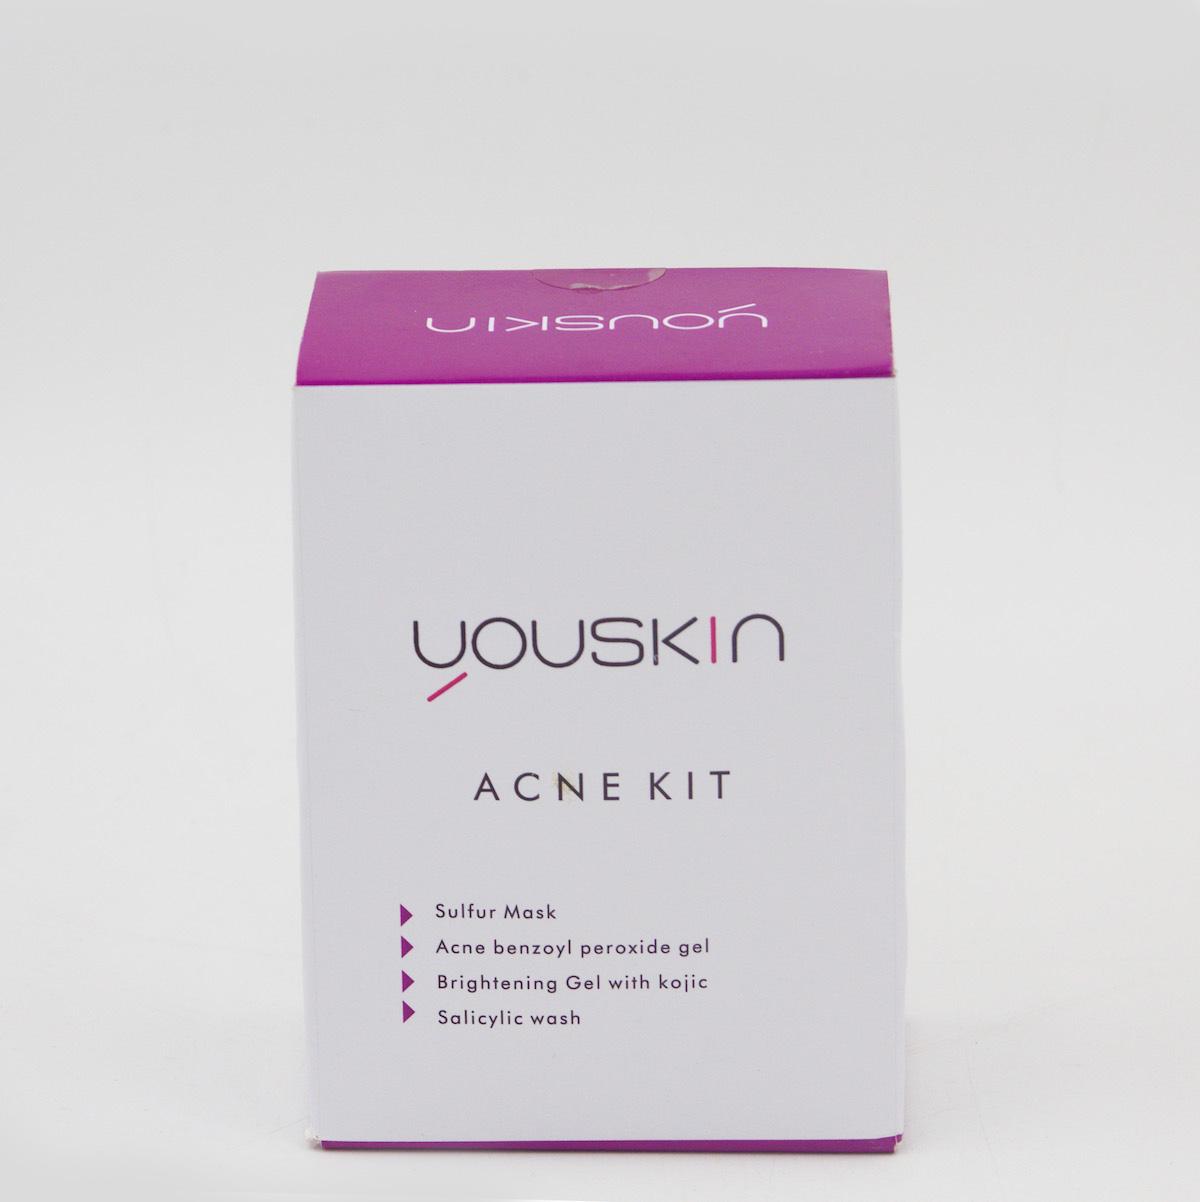 Youskin 30days Acne Kit Youtopia Beauty Acnes Sealing Gel Alone Copy